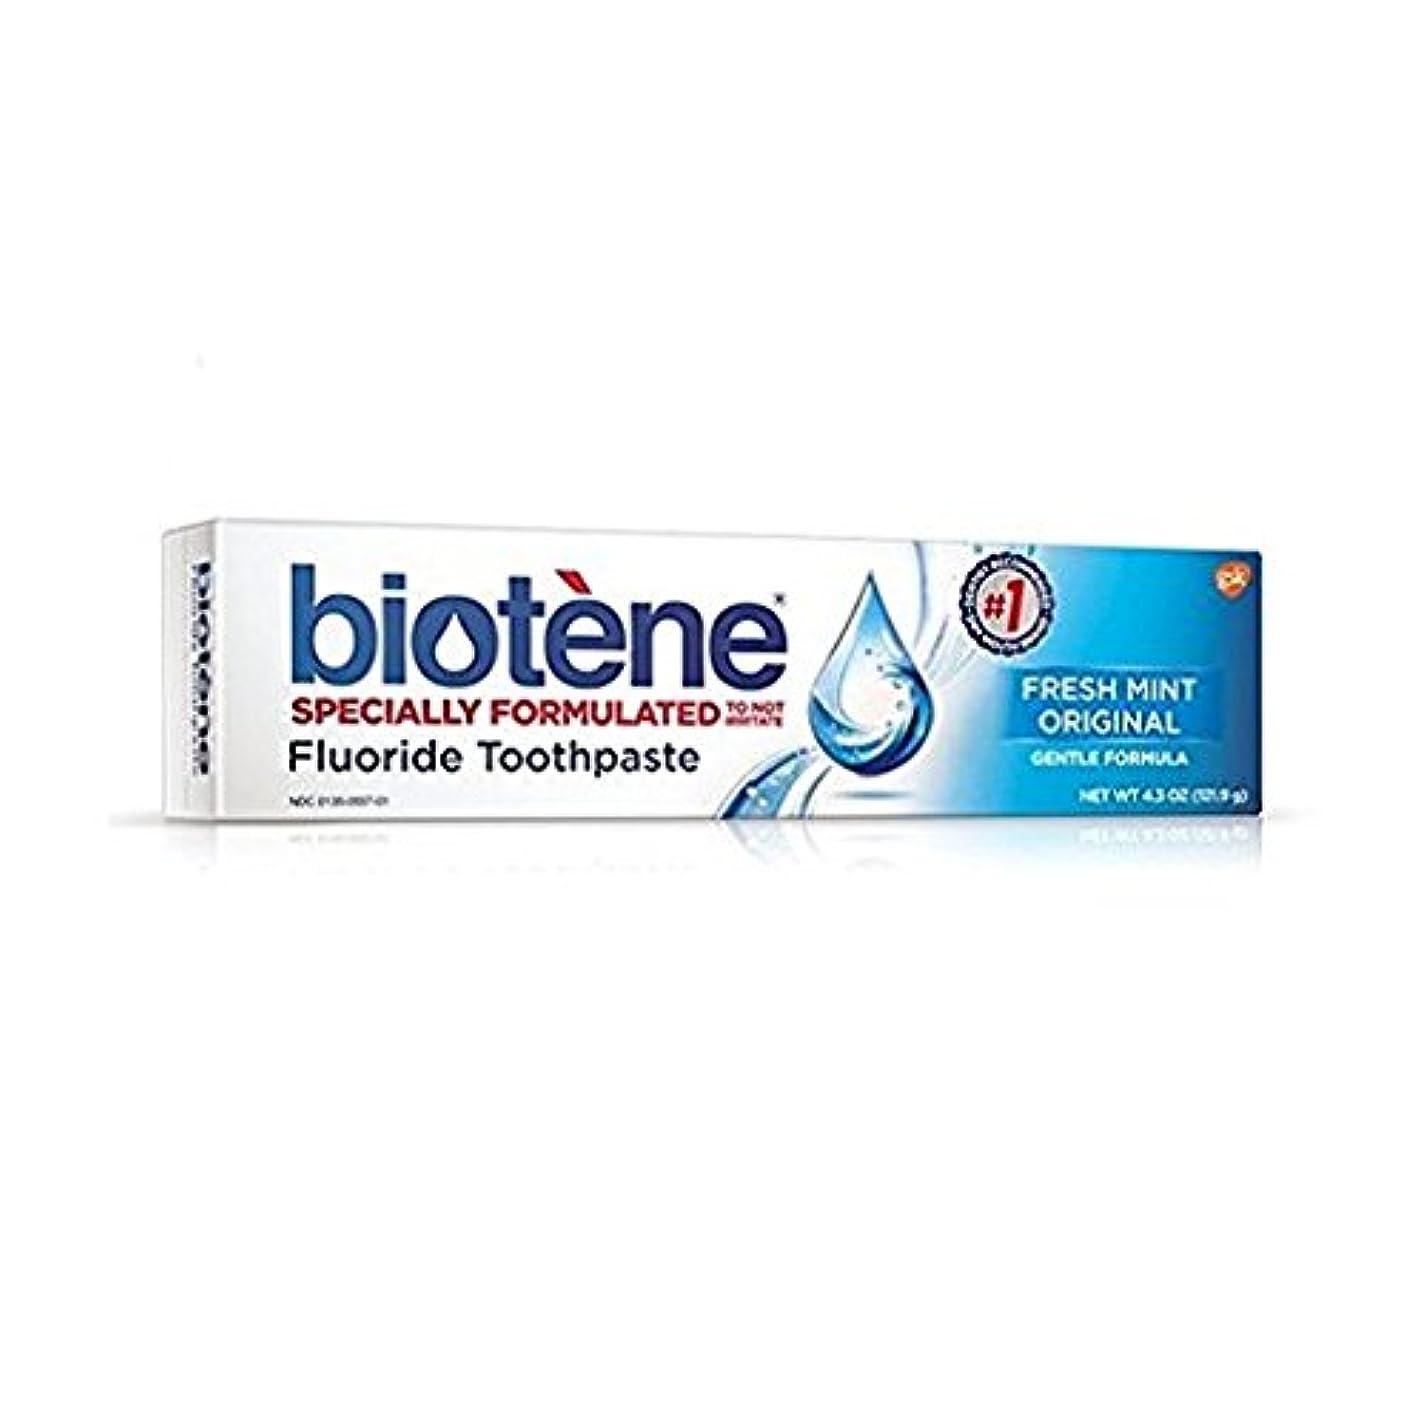 ブリークスマイル好むBiotene Dry Mouth Fluoride Toothpaste Fresh Mint Original 4.3 Oz. (2 Pack) by Biotene